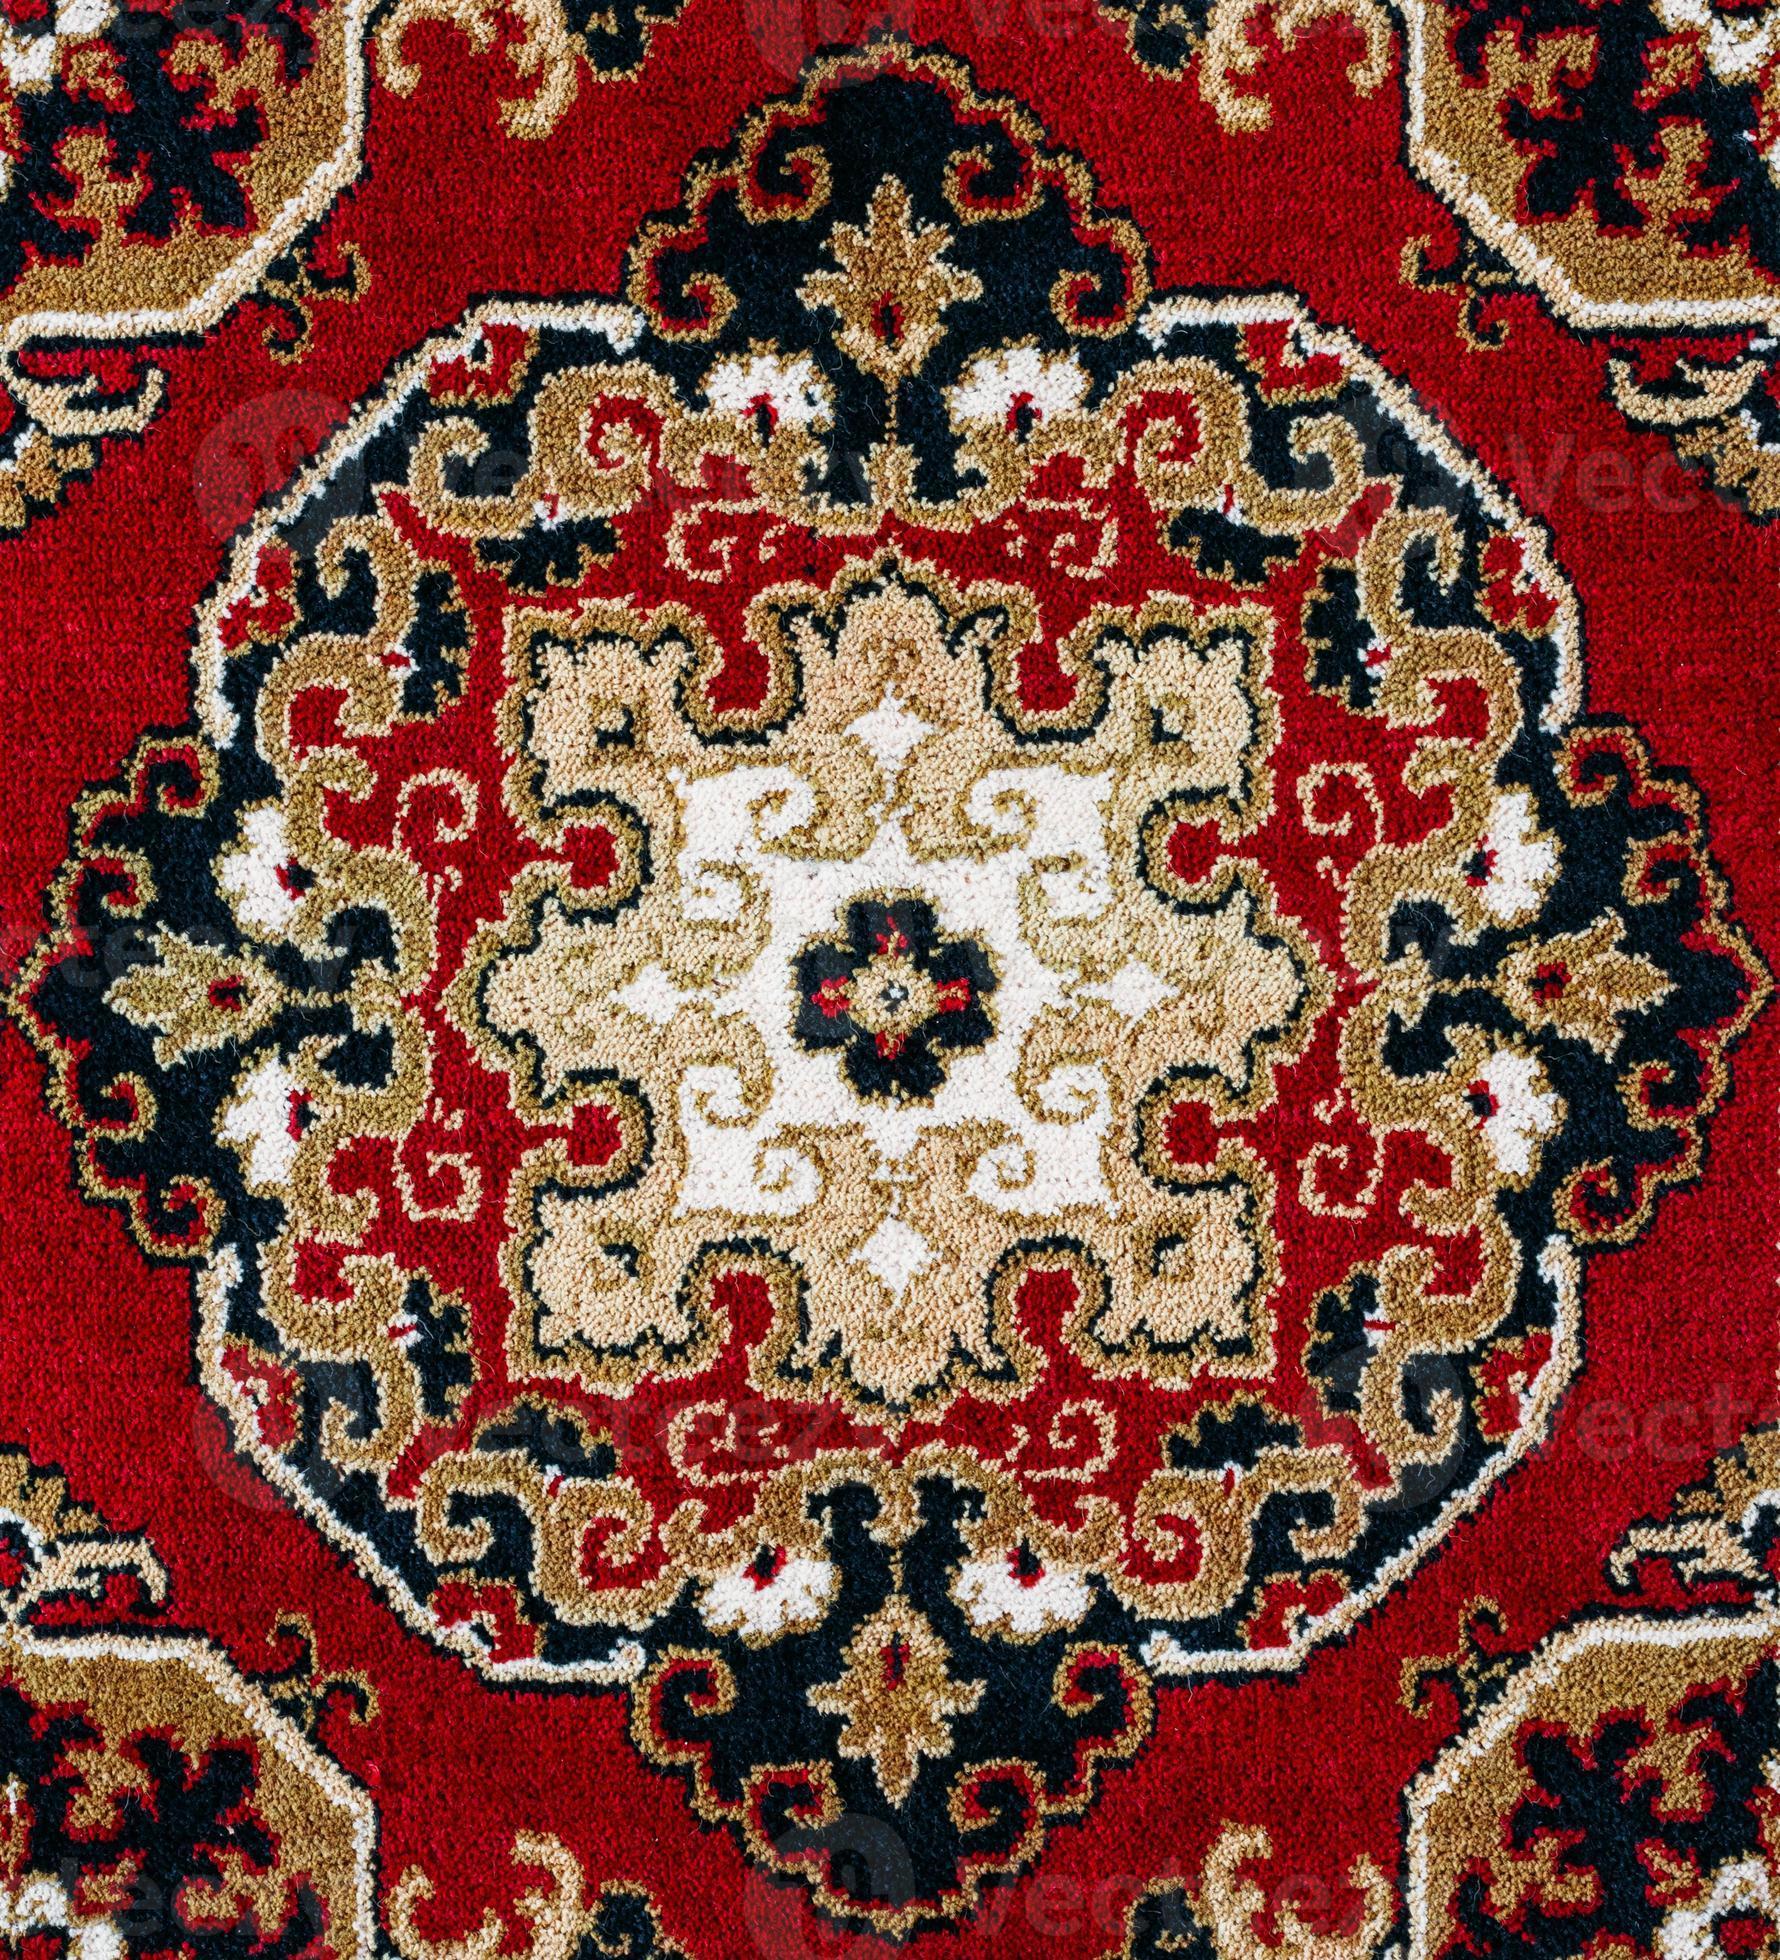 fond de tapis persan oriental rouge